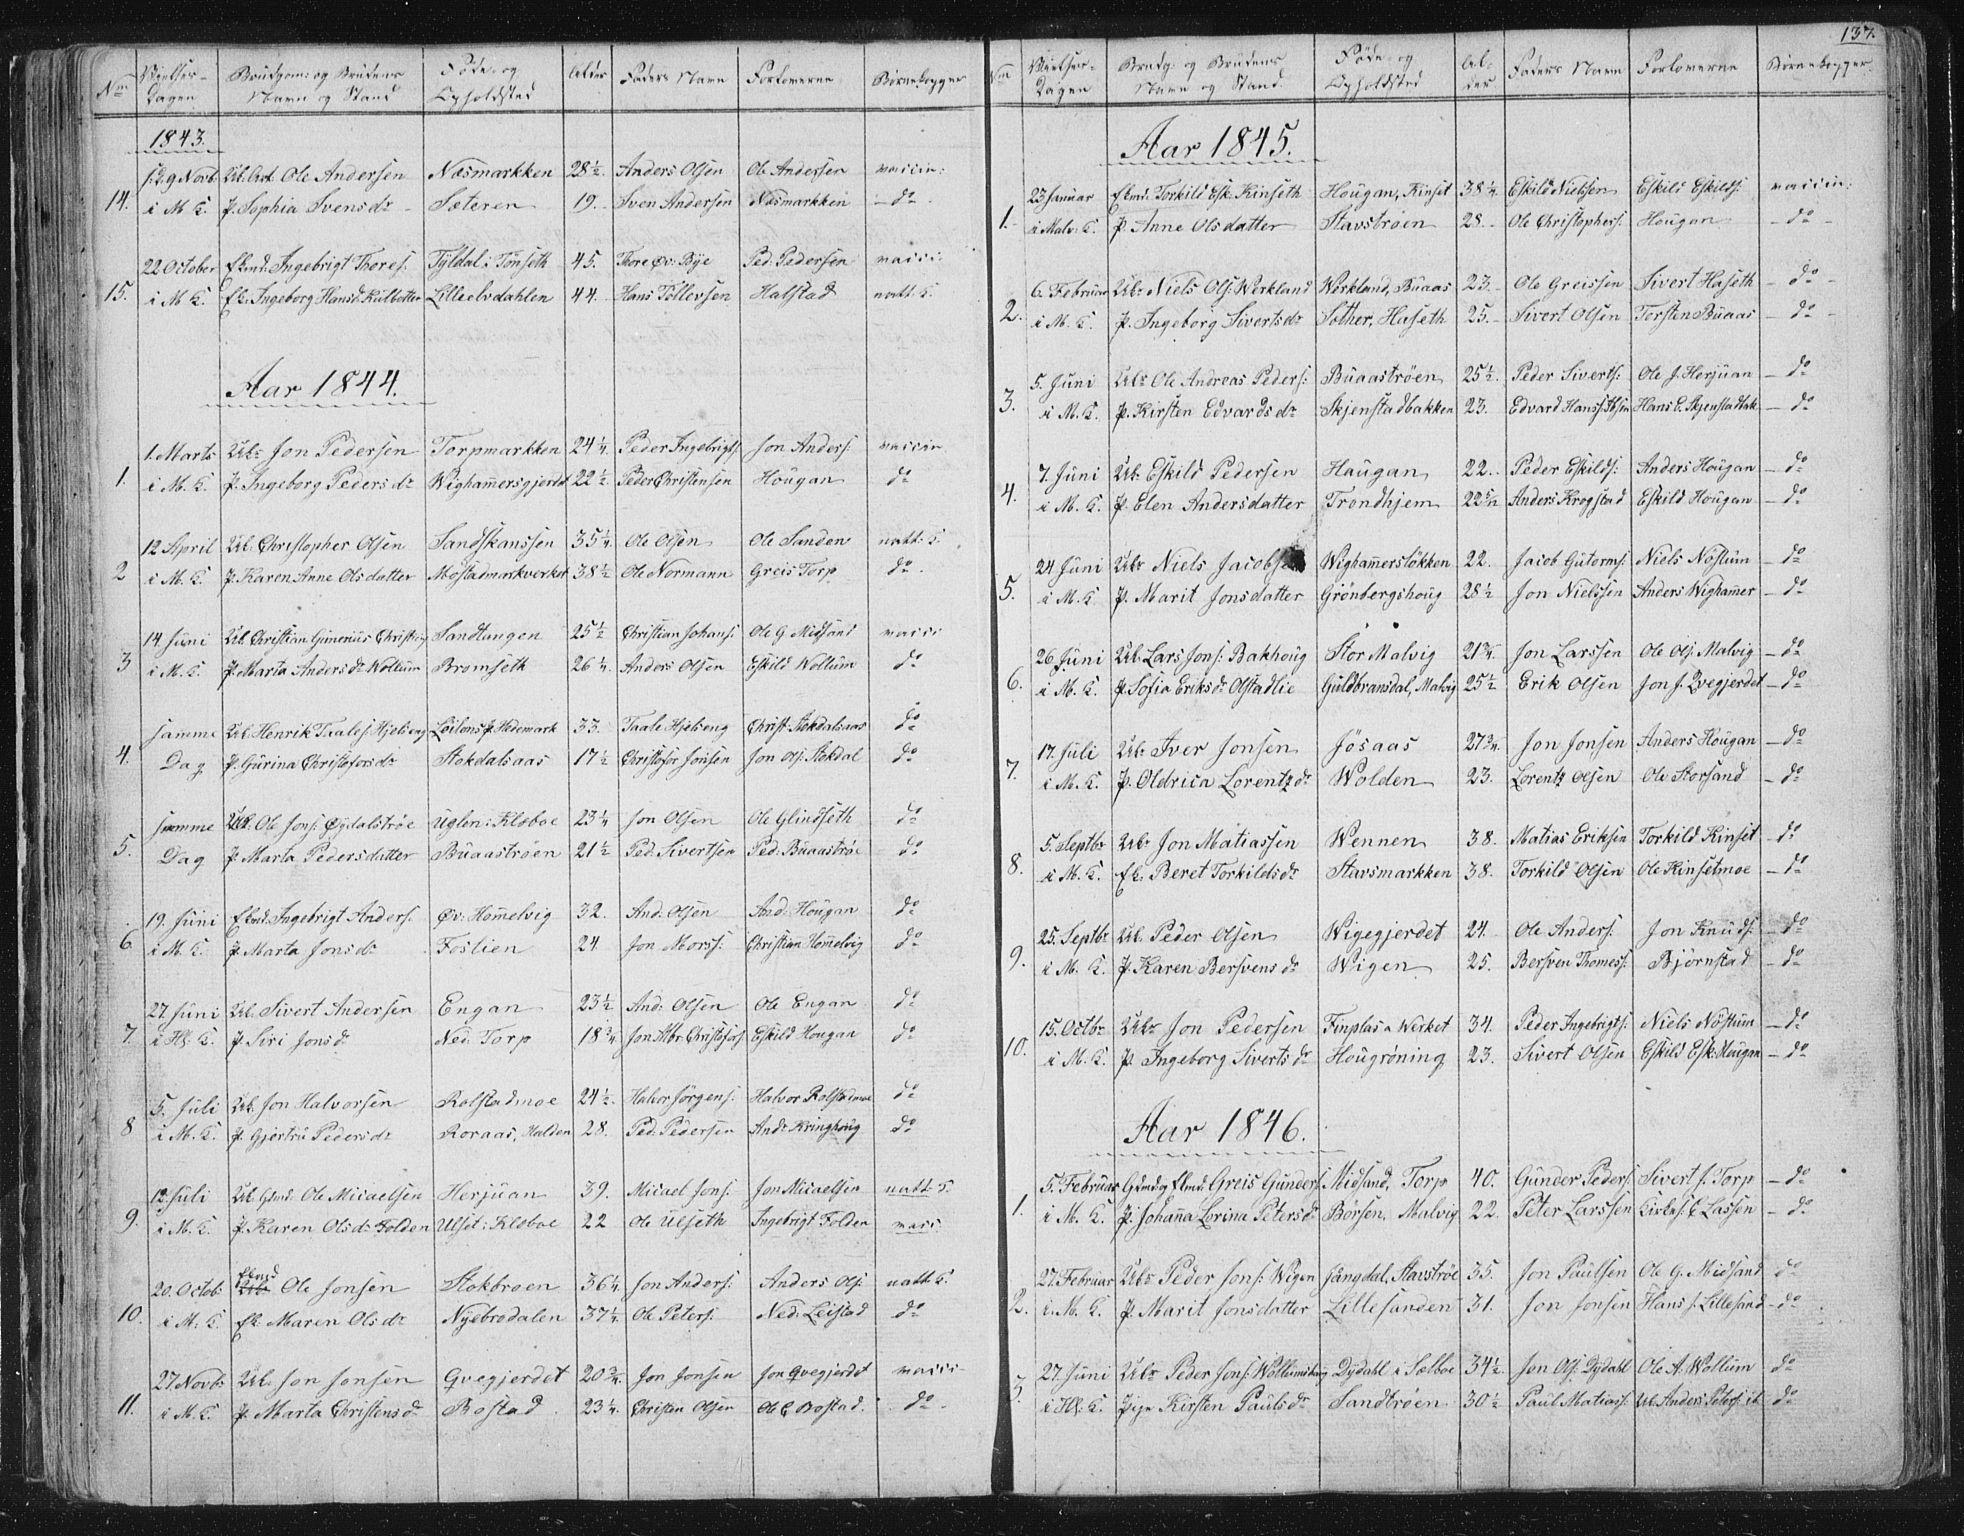 SAT, Ministerialprotokoller, klokkerbøker og fødselsregistre - Sør-Trøndelag, 616/L0406: Ministerialbok nr. 616A03, 1843-1879, s. 137